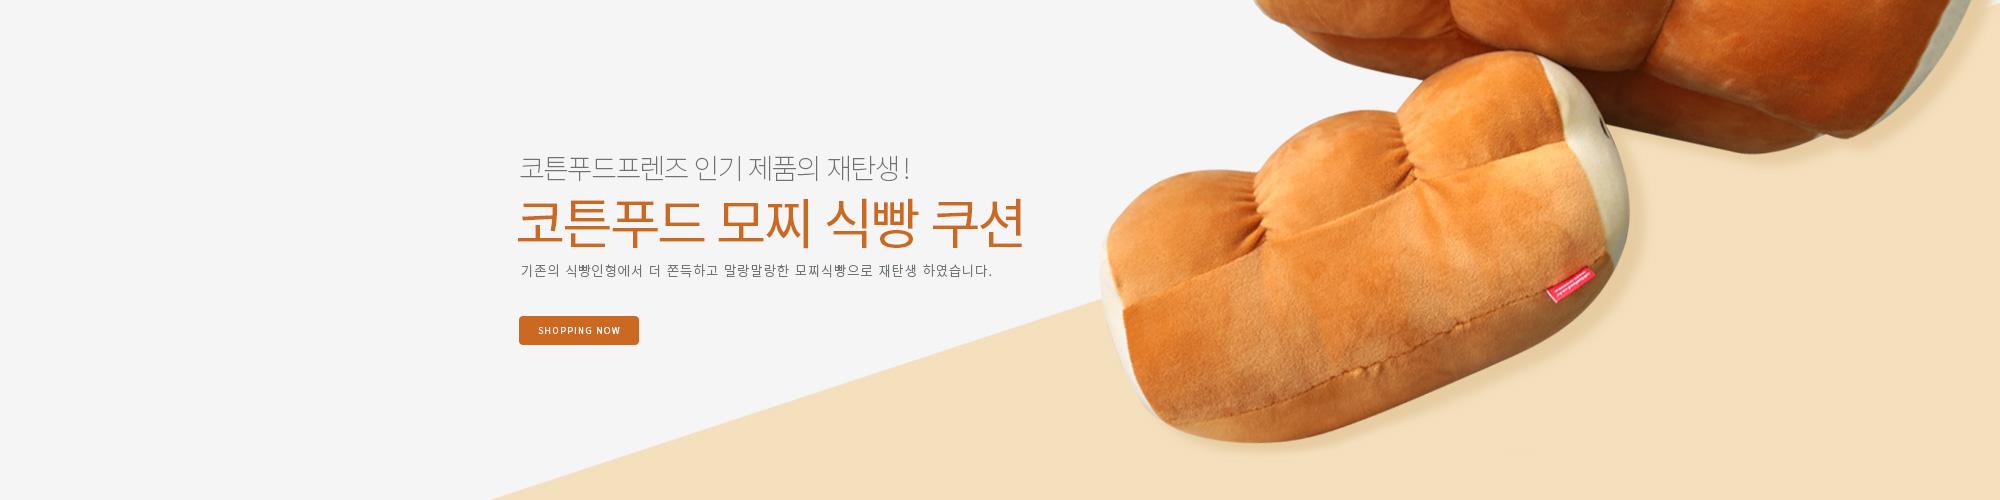 리뉴얼 식빵